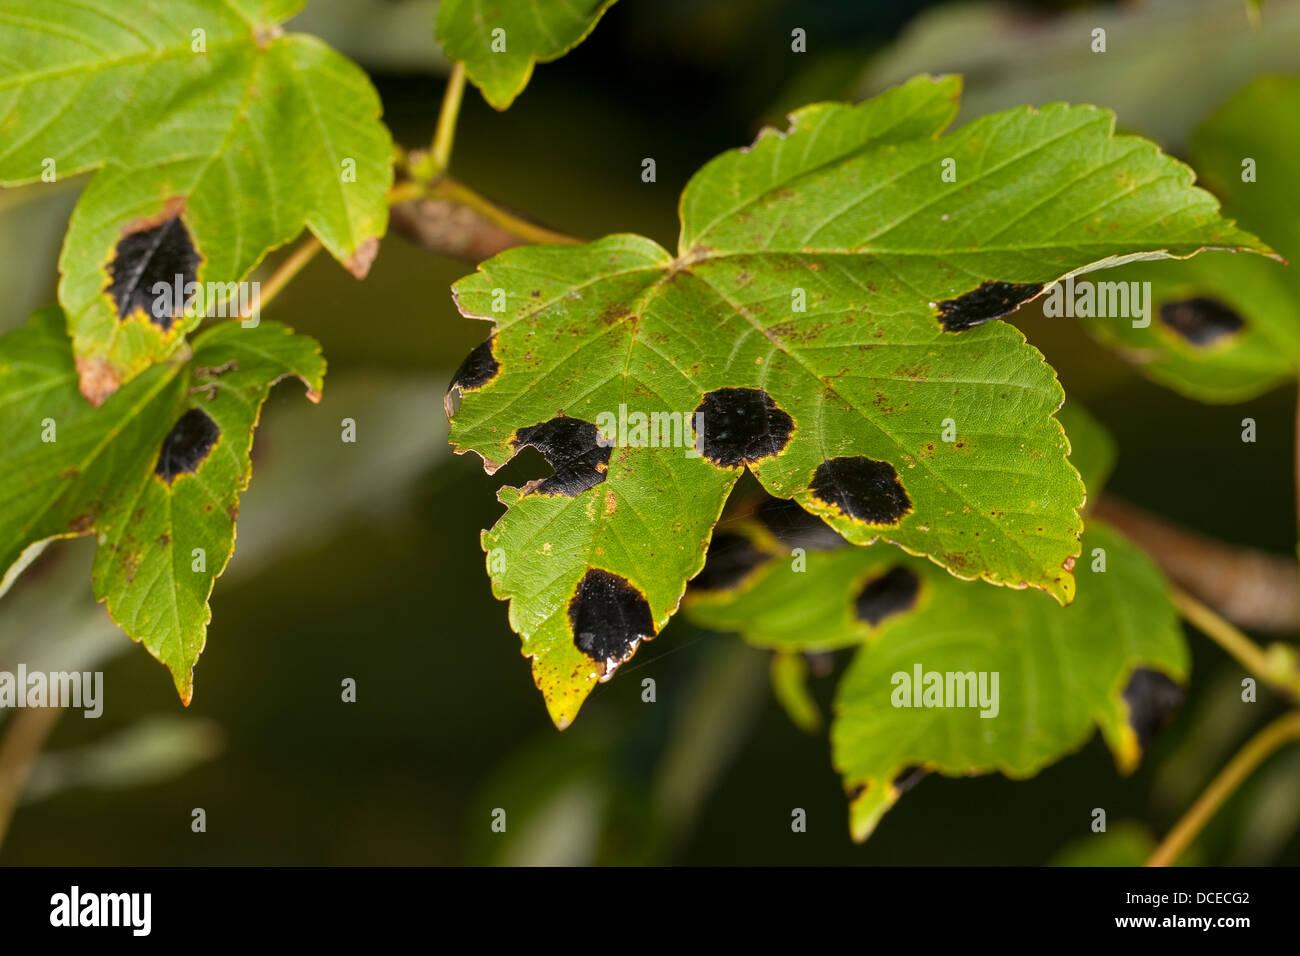 Tar spot, Ahorn-Runzelschorf, Teerfleckenkrankheit, Teerflecken-Krankheit, Rhytisma acerinum, Pilzbefall, plant - Stock Image